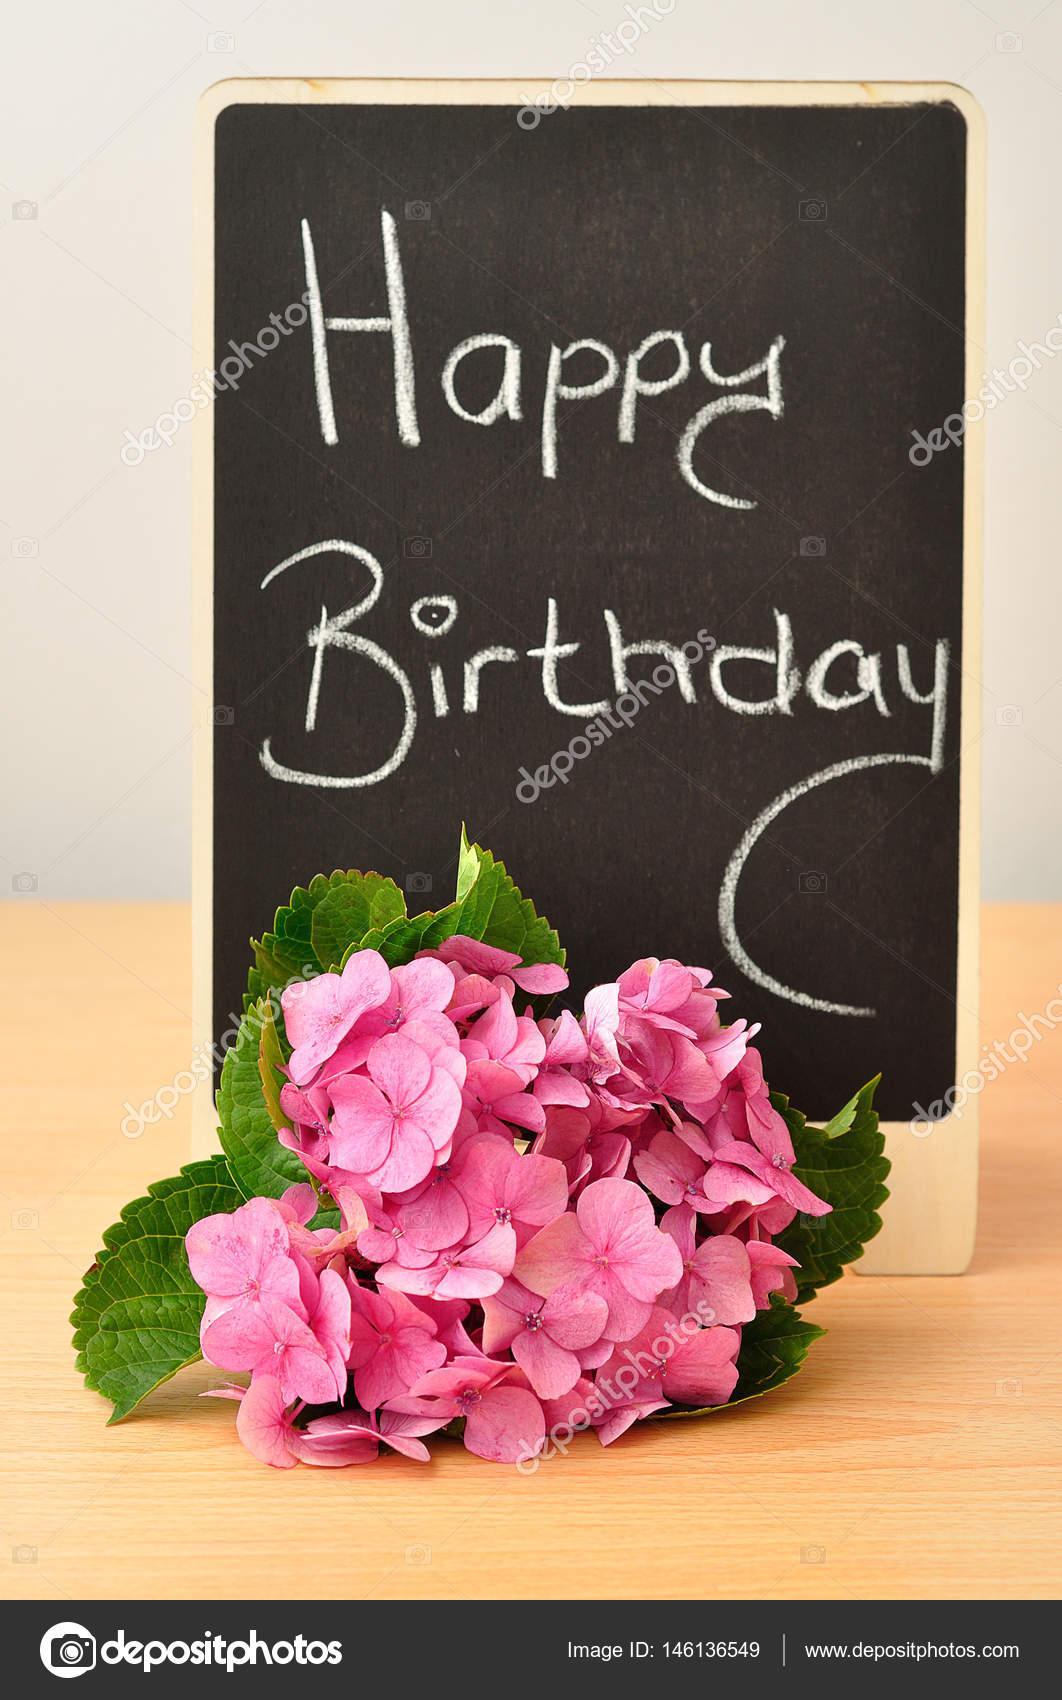 Фото с днем рождения цветы гортензия